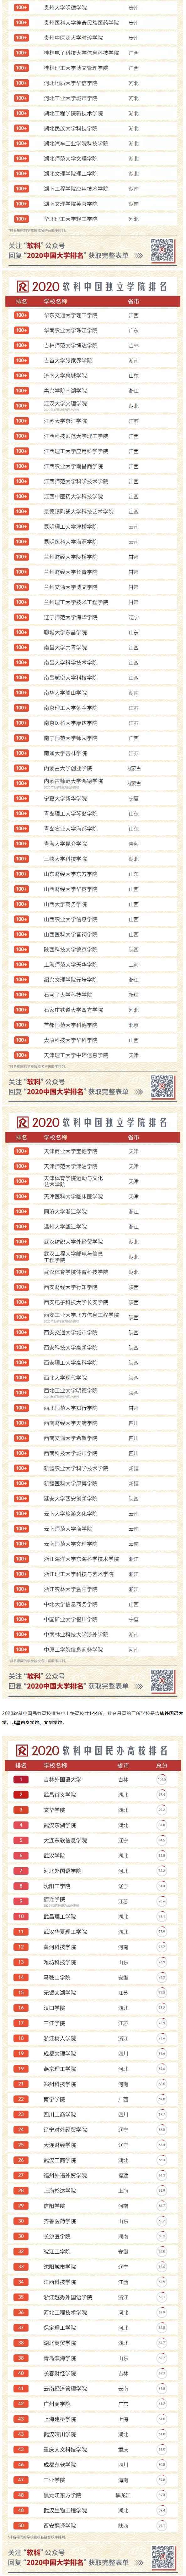 火狐截图_2020-05-15T07-26-26.433Z_副本.jpg